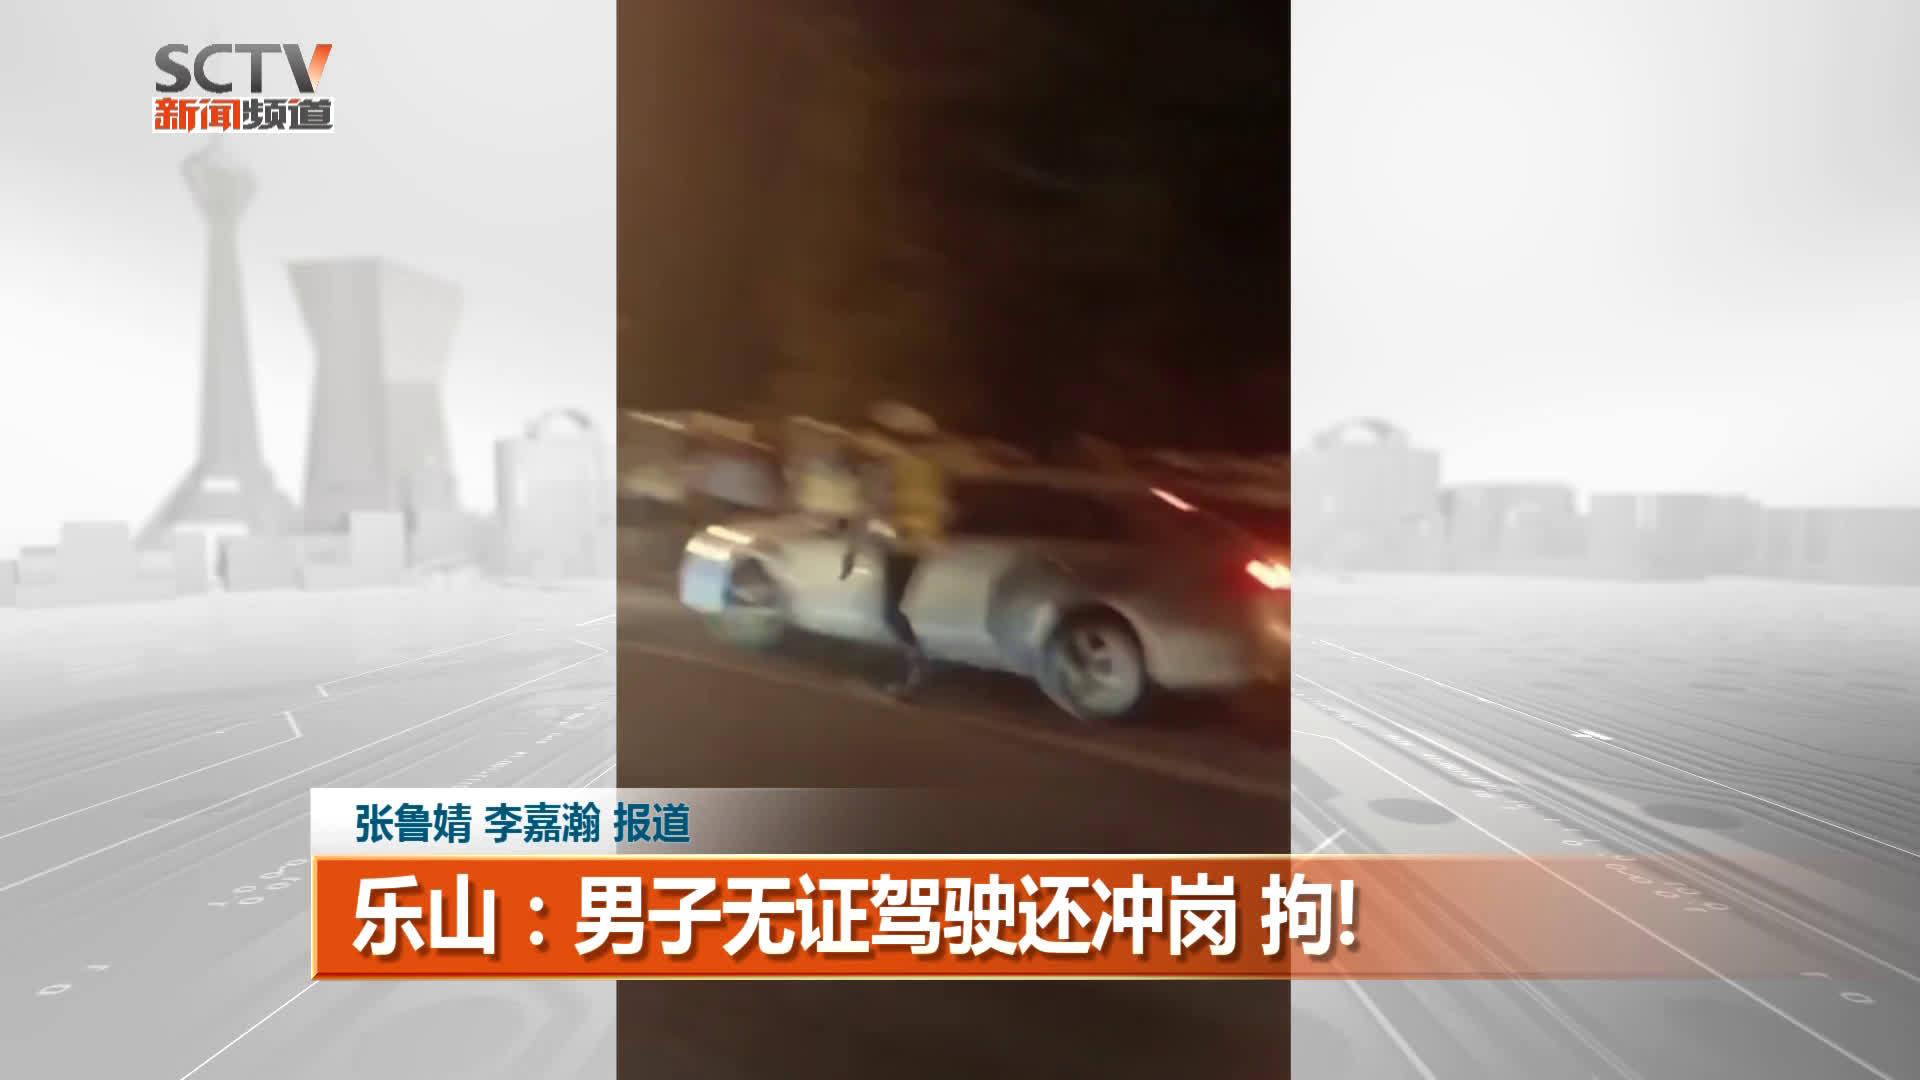 乐山:男子无证驾驶还冲岗 拘